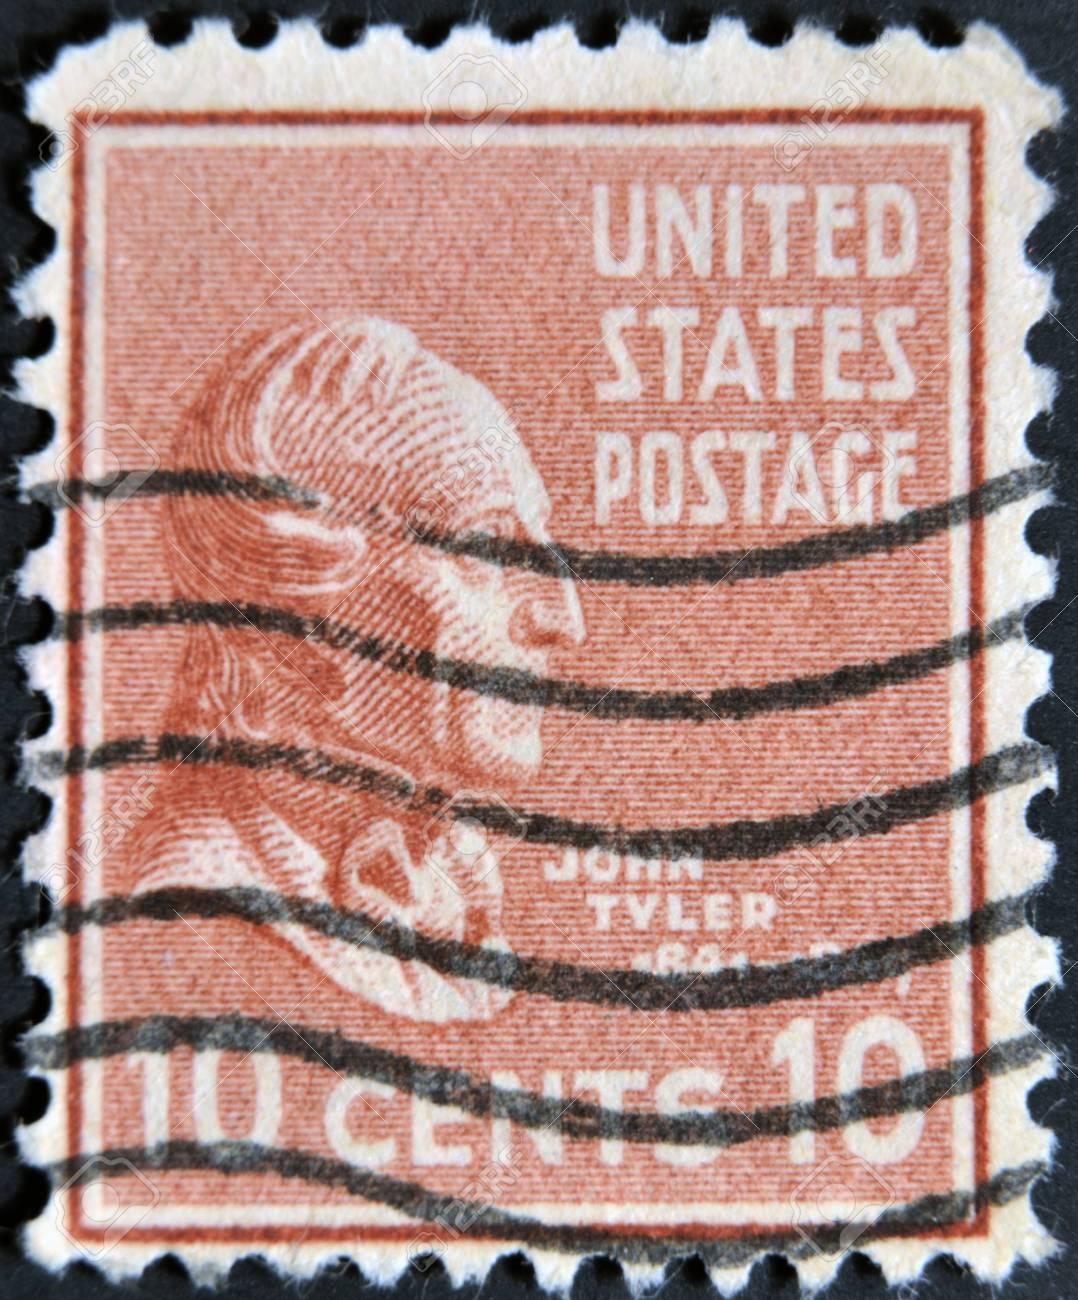 アメリカ合衆国 - 1938 年: ジョン ・ タイラー、アメリカの ...